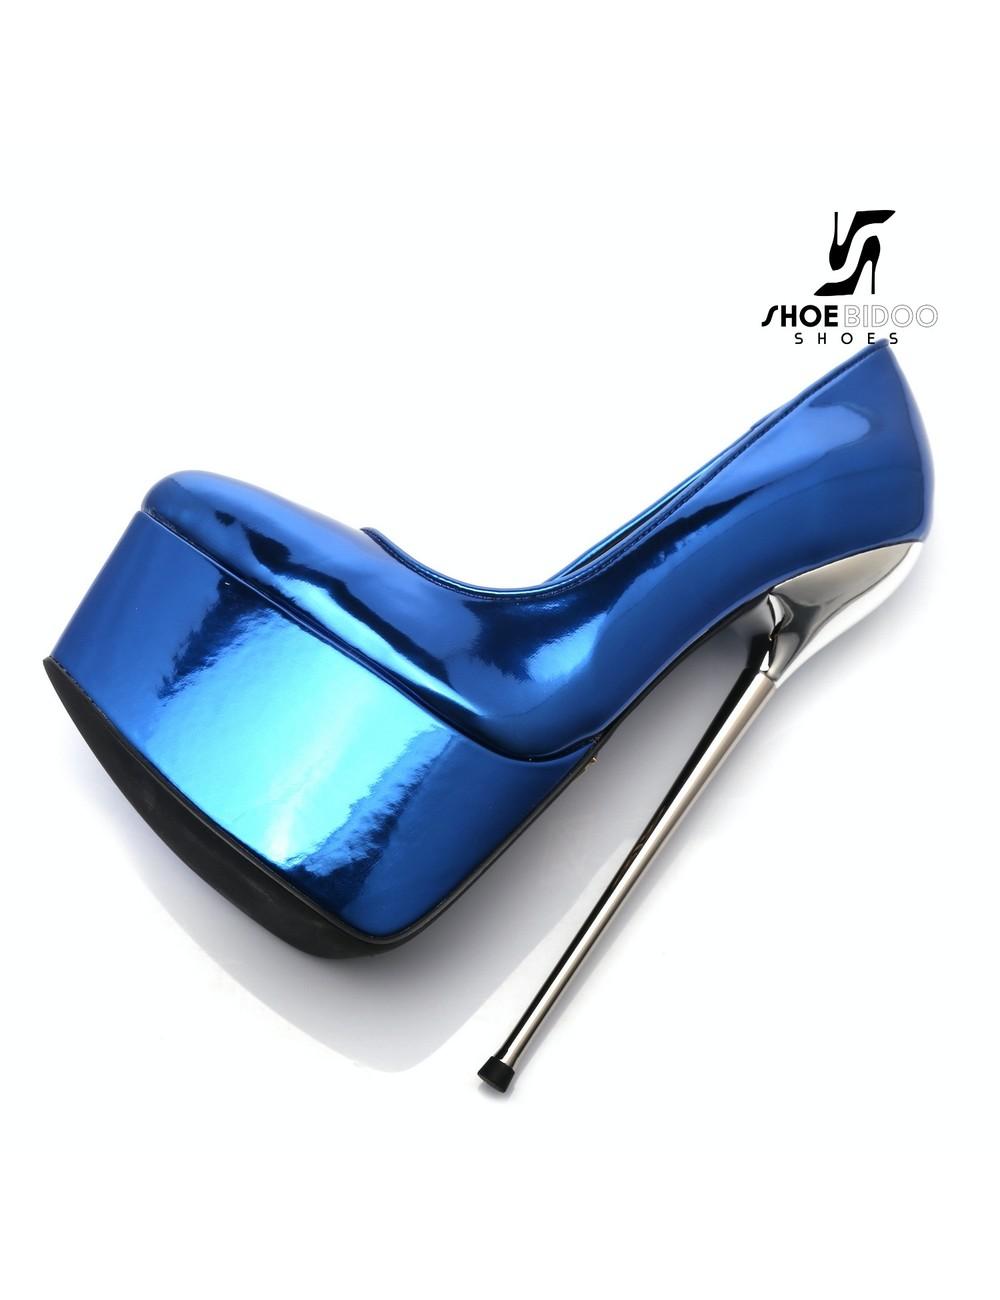 Giaro SLICK Blauw glanzende ESCALA SLICK Fetish platform pumps zilveren hakken